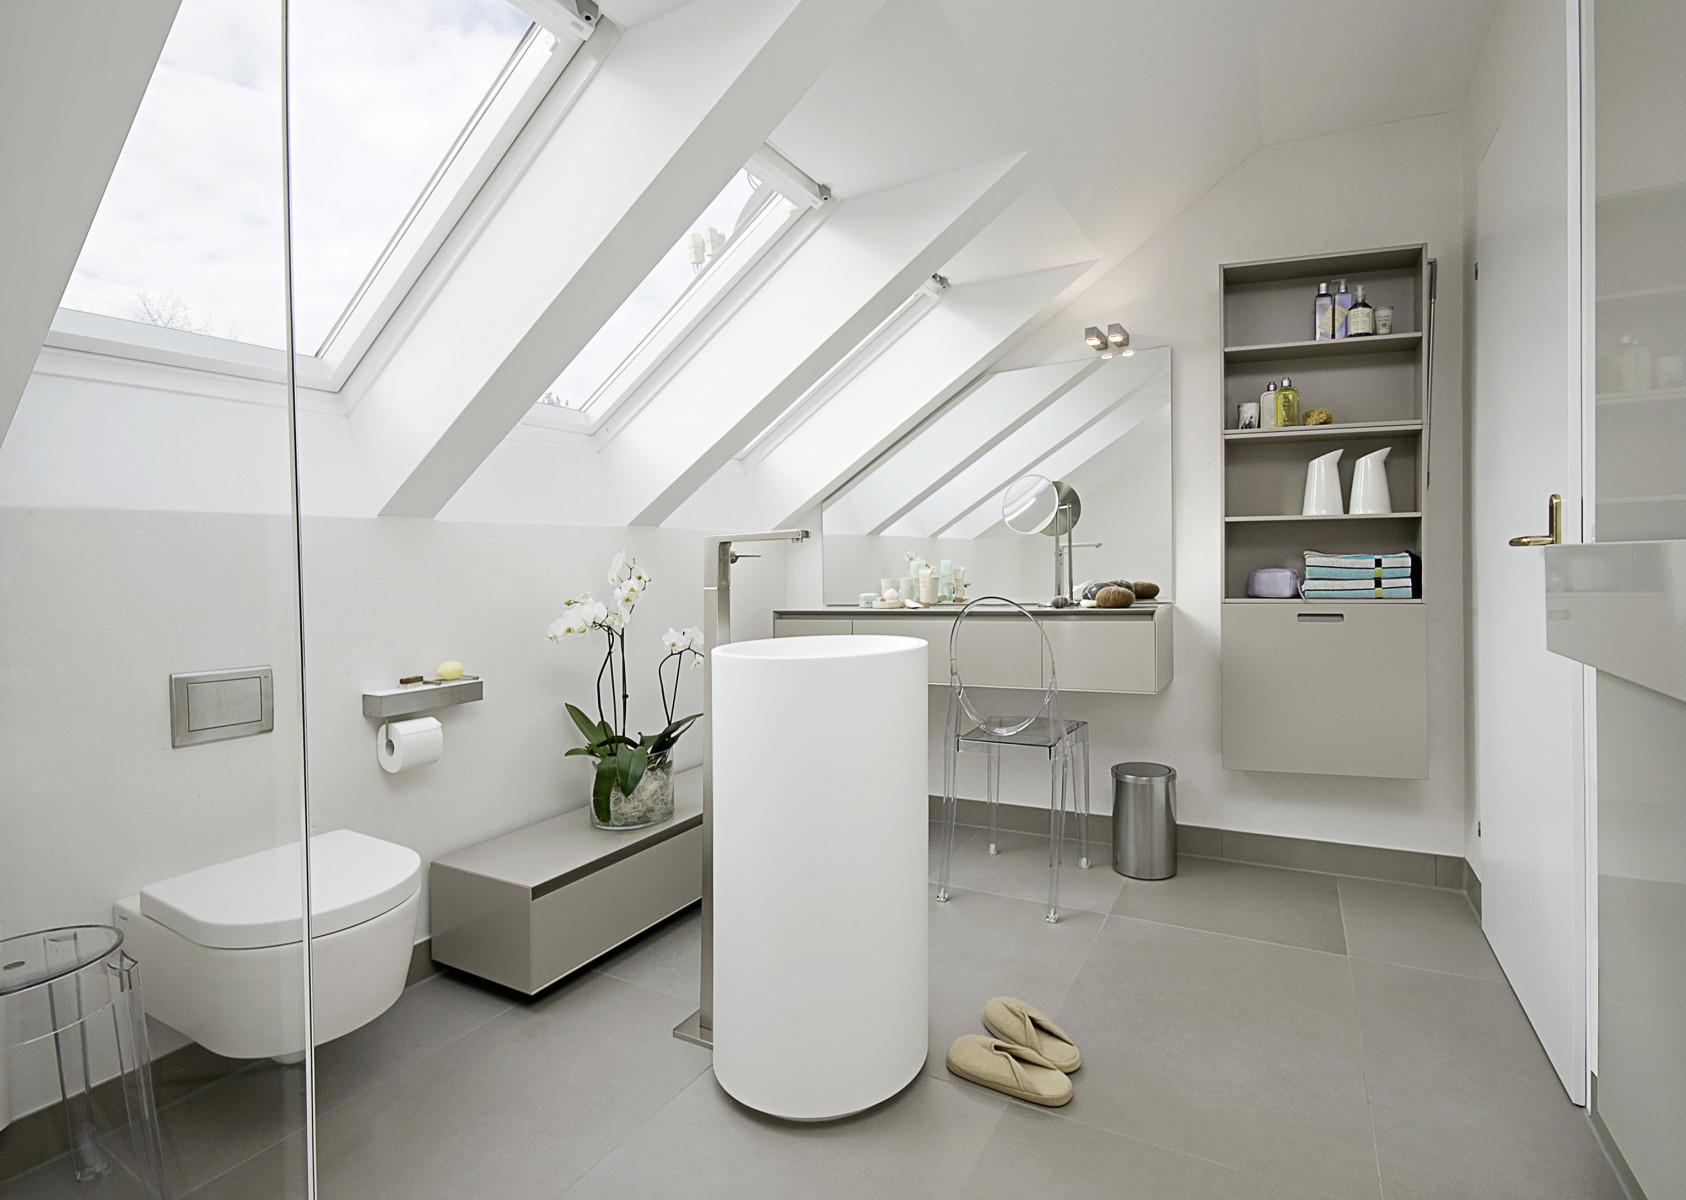 Badezimmer Lueftung Ausbauen